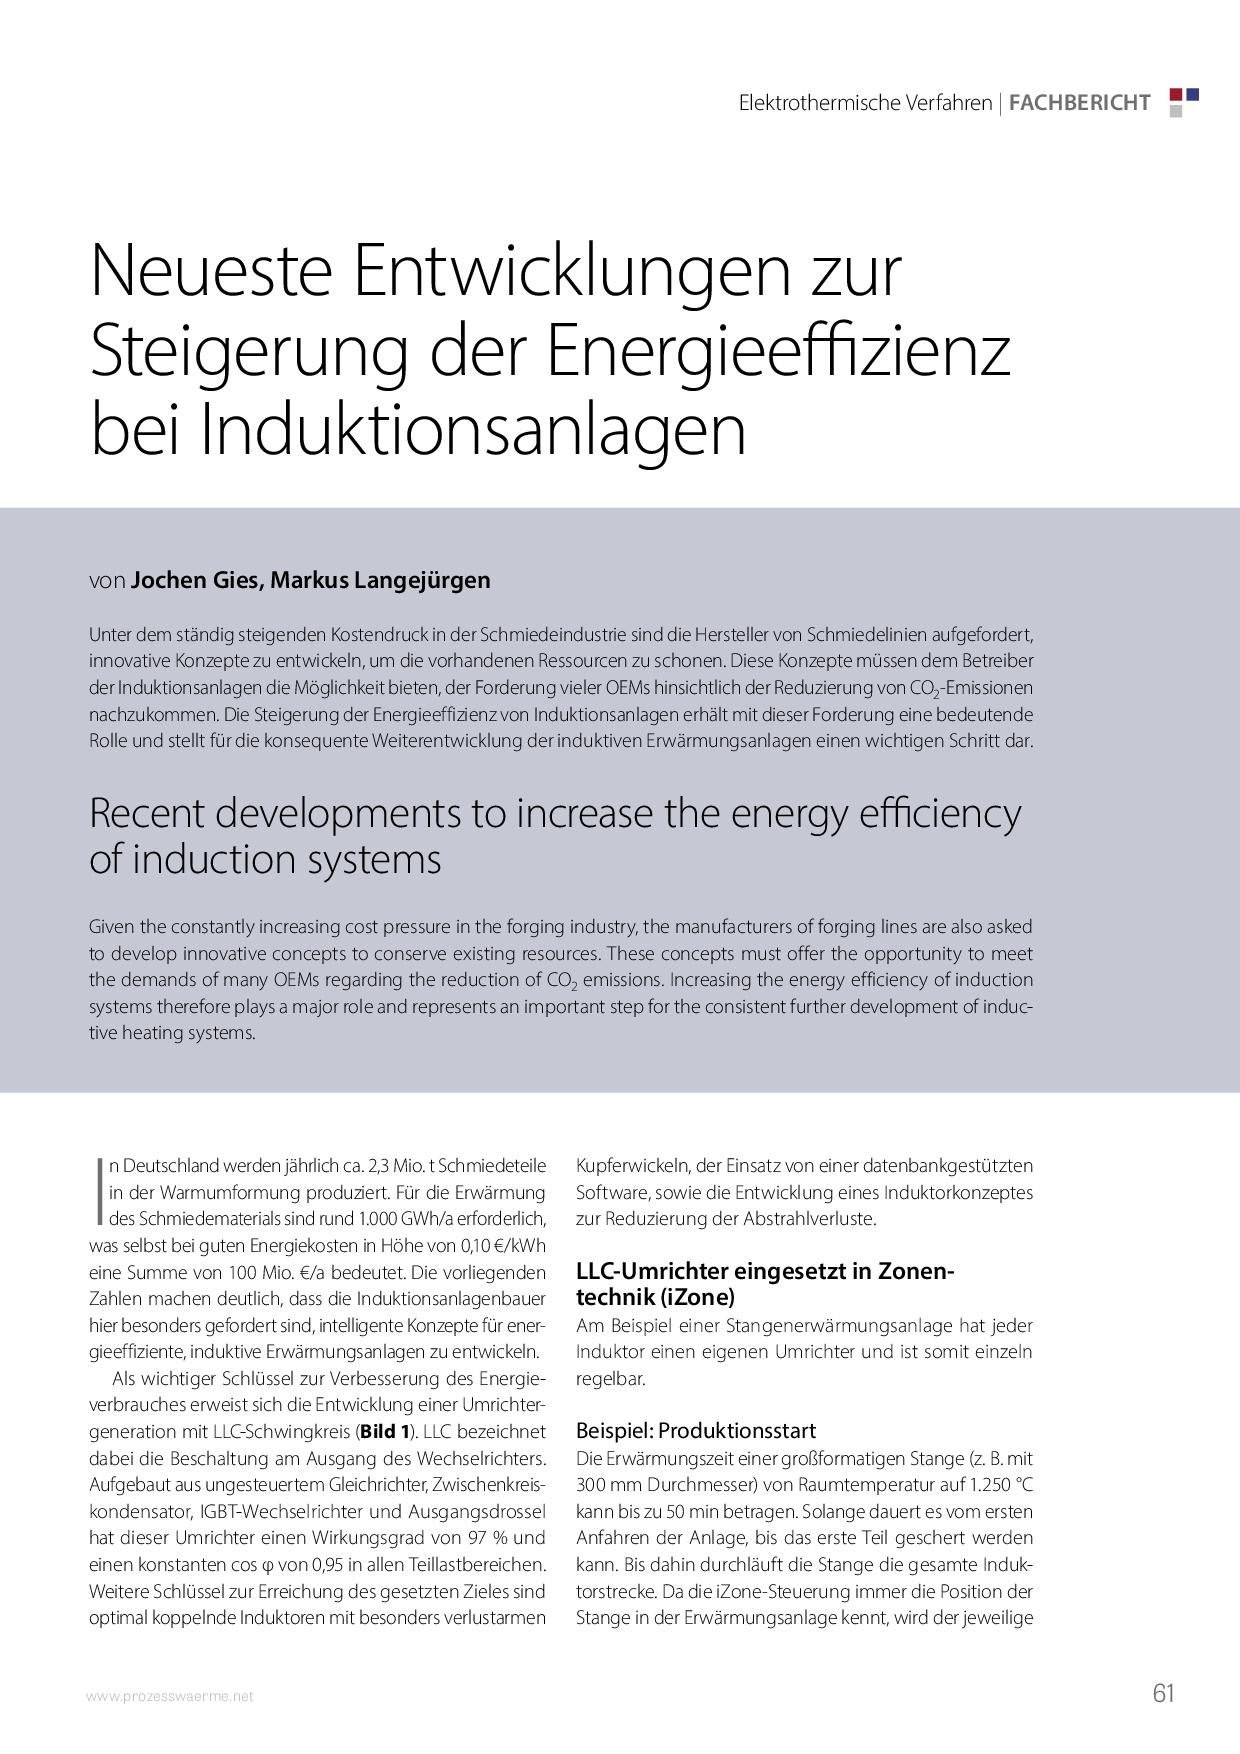 Neueste Entwicklungen zur Steigerung der Energieeffizienz bei Induktionsanlagen